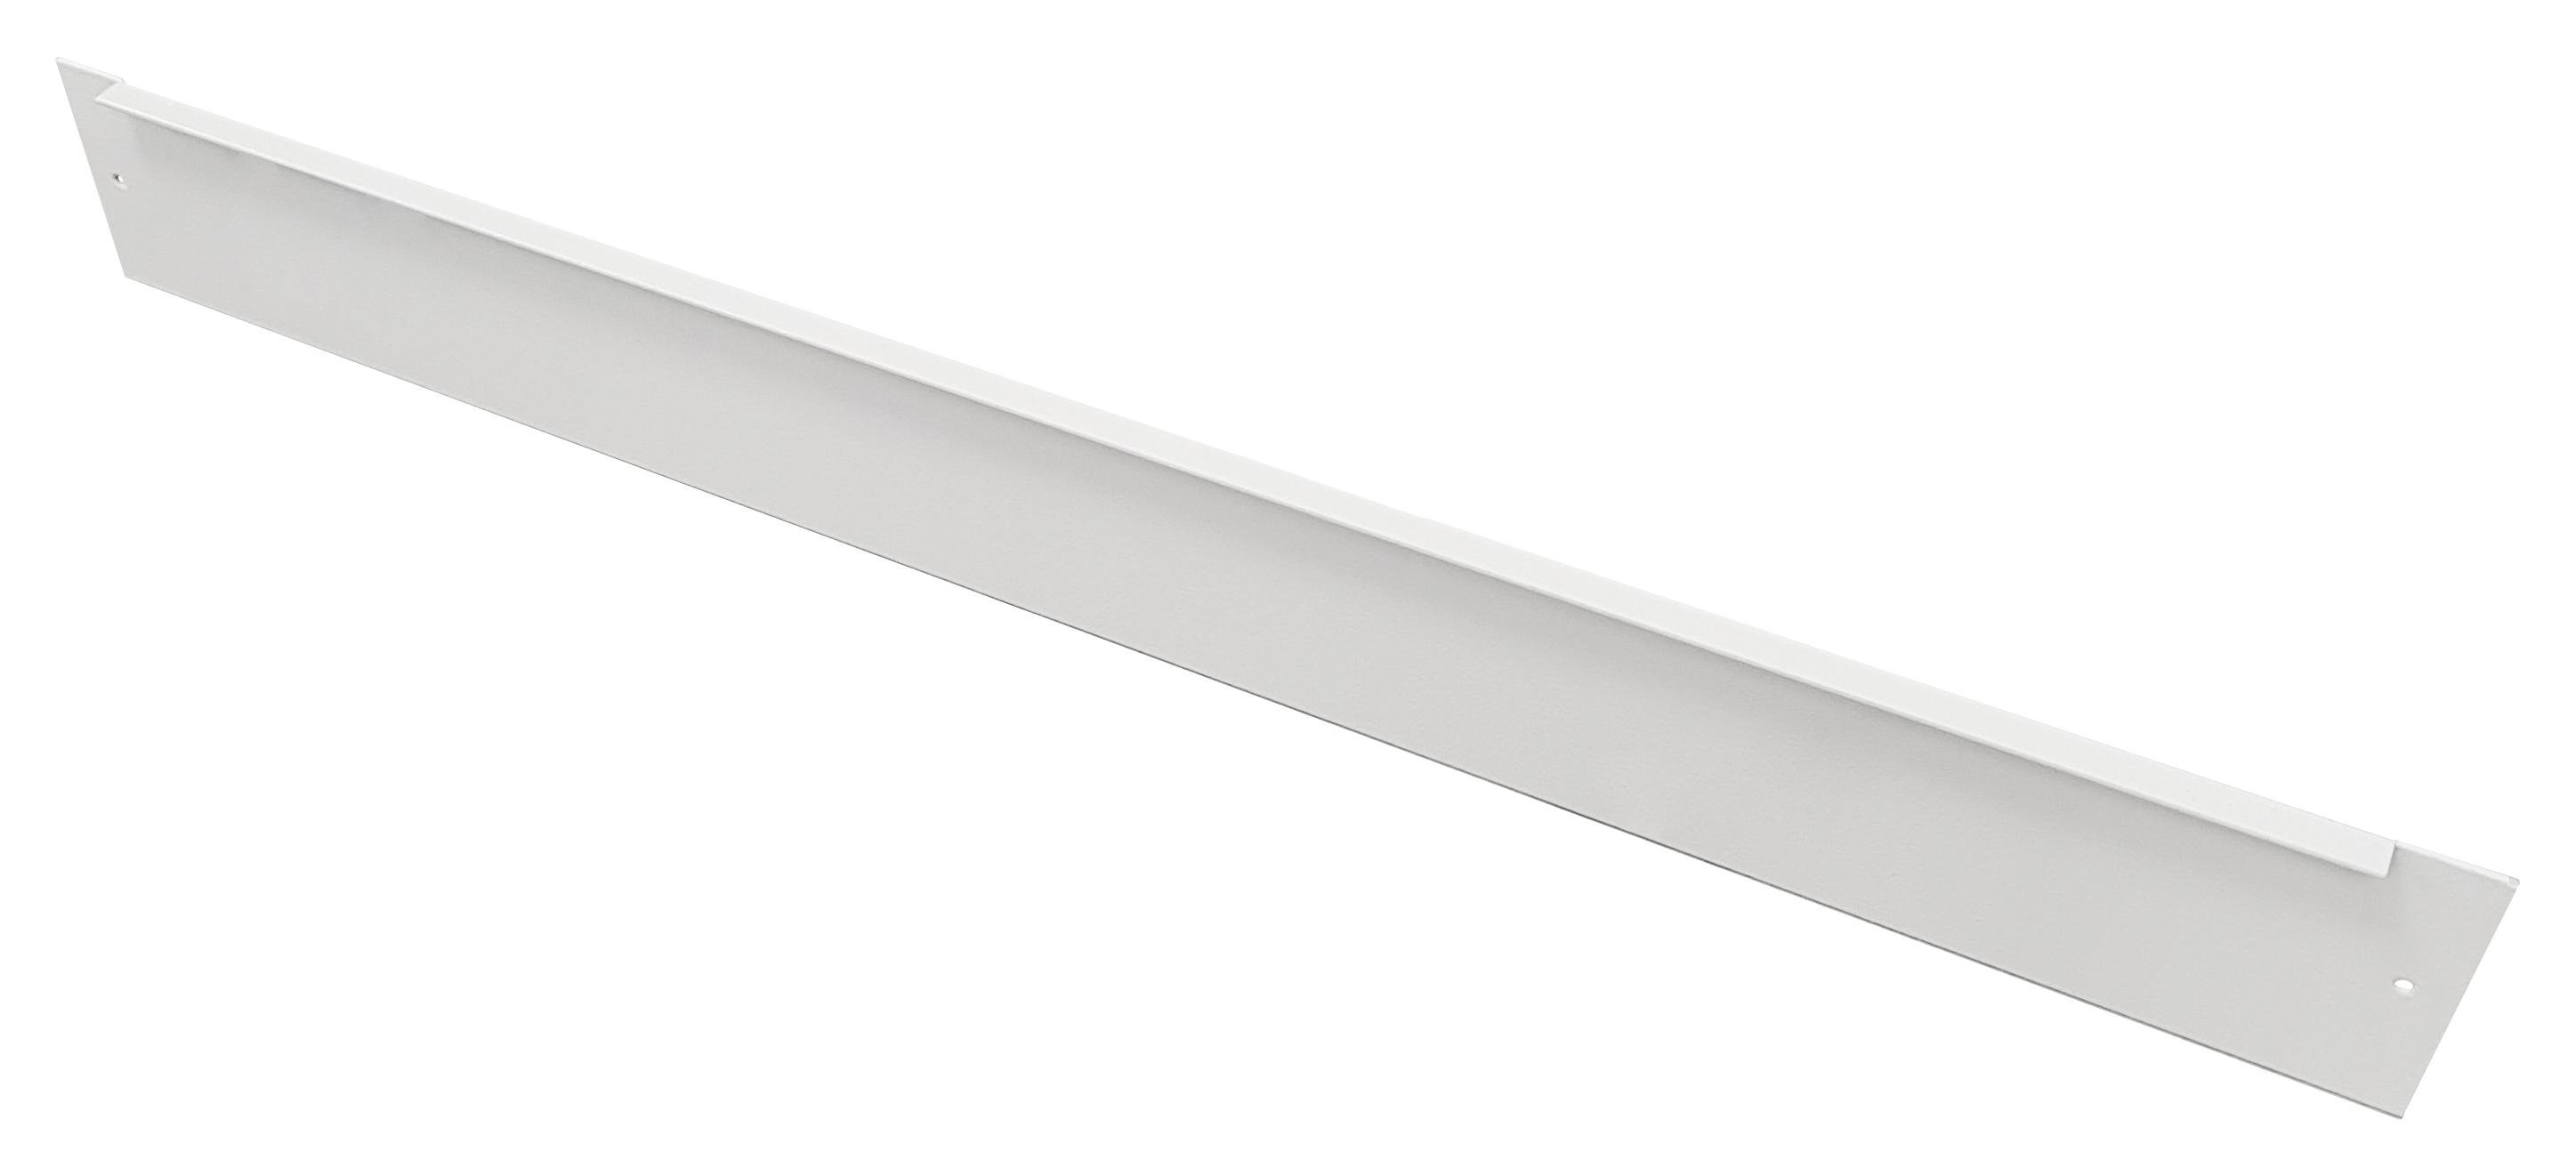 1 Stk Sockel-Frontrahmen für AP-Verteiler Breite 5 IL091500--